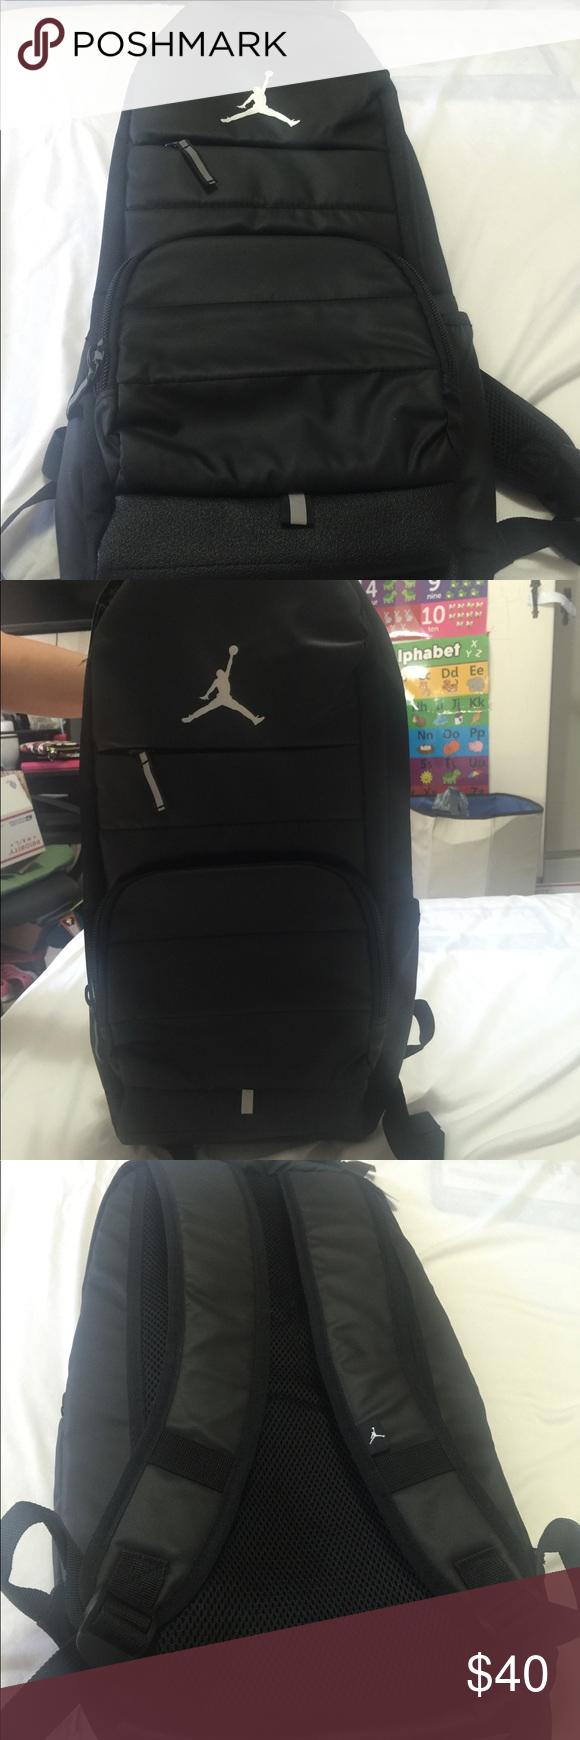 0800af9e68 Jordan Unisex All World Backpack Black Jordan Backpack Black- Adjustable  straps